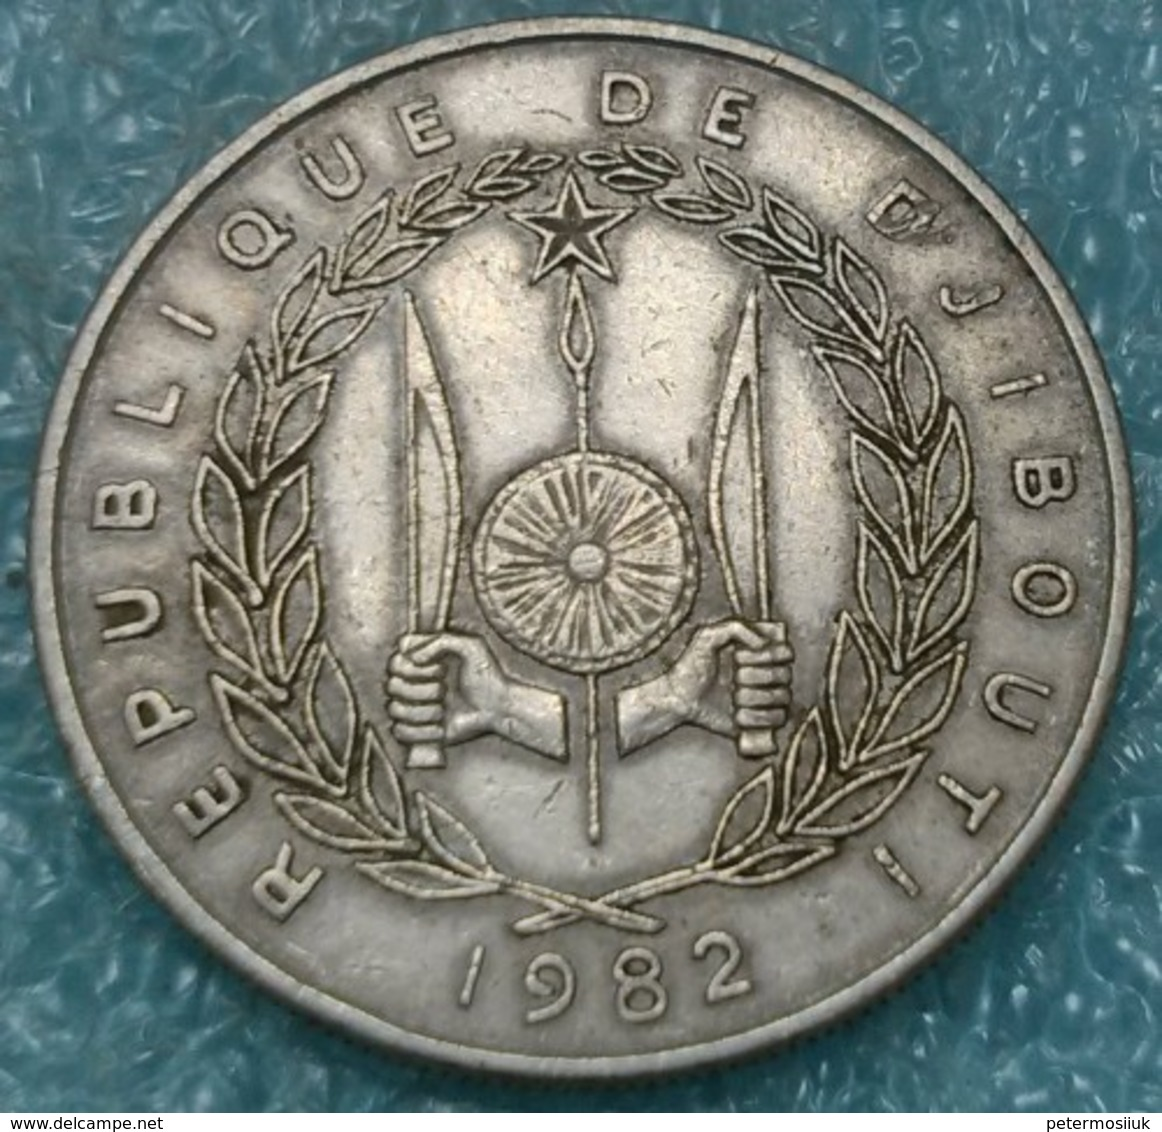 Djibouti 50 Francs, 1982 -4573 - Djibouti